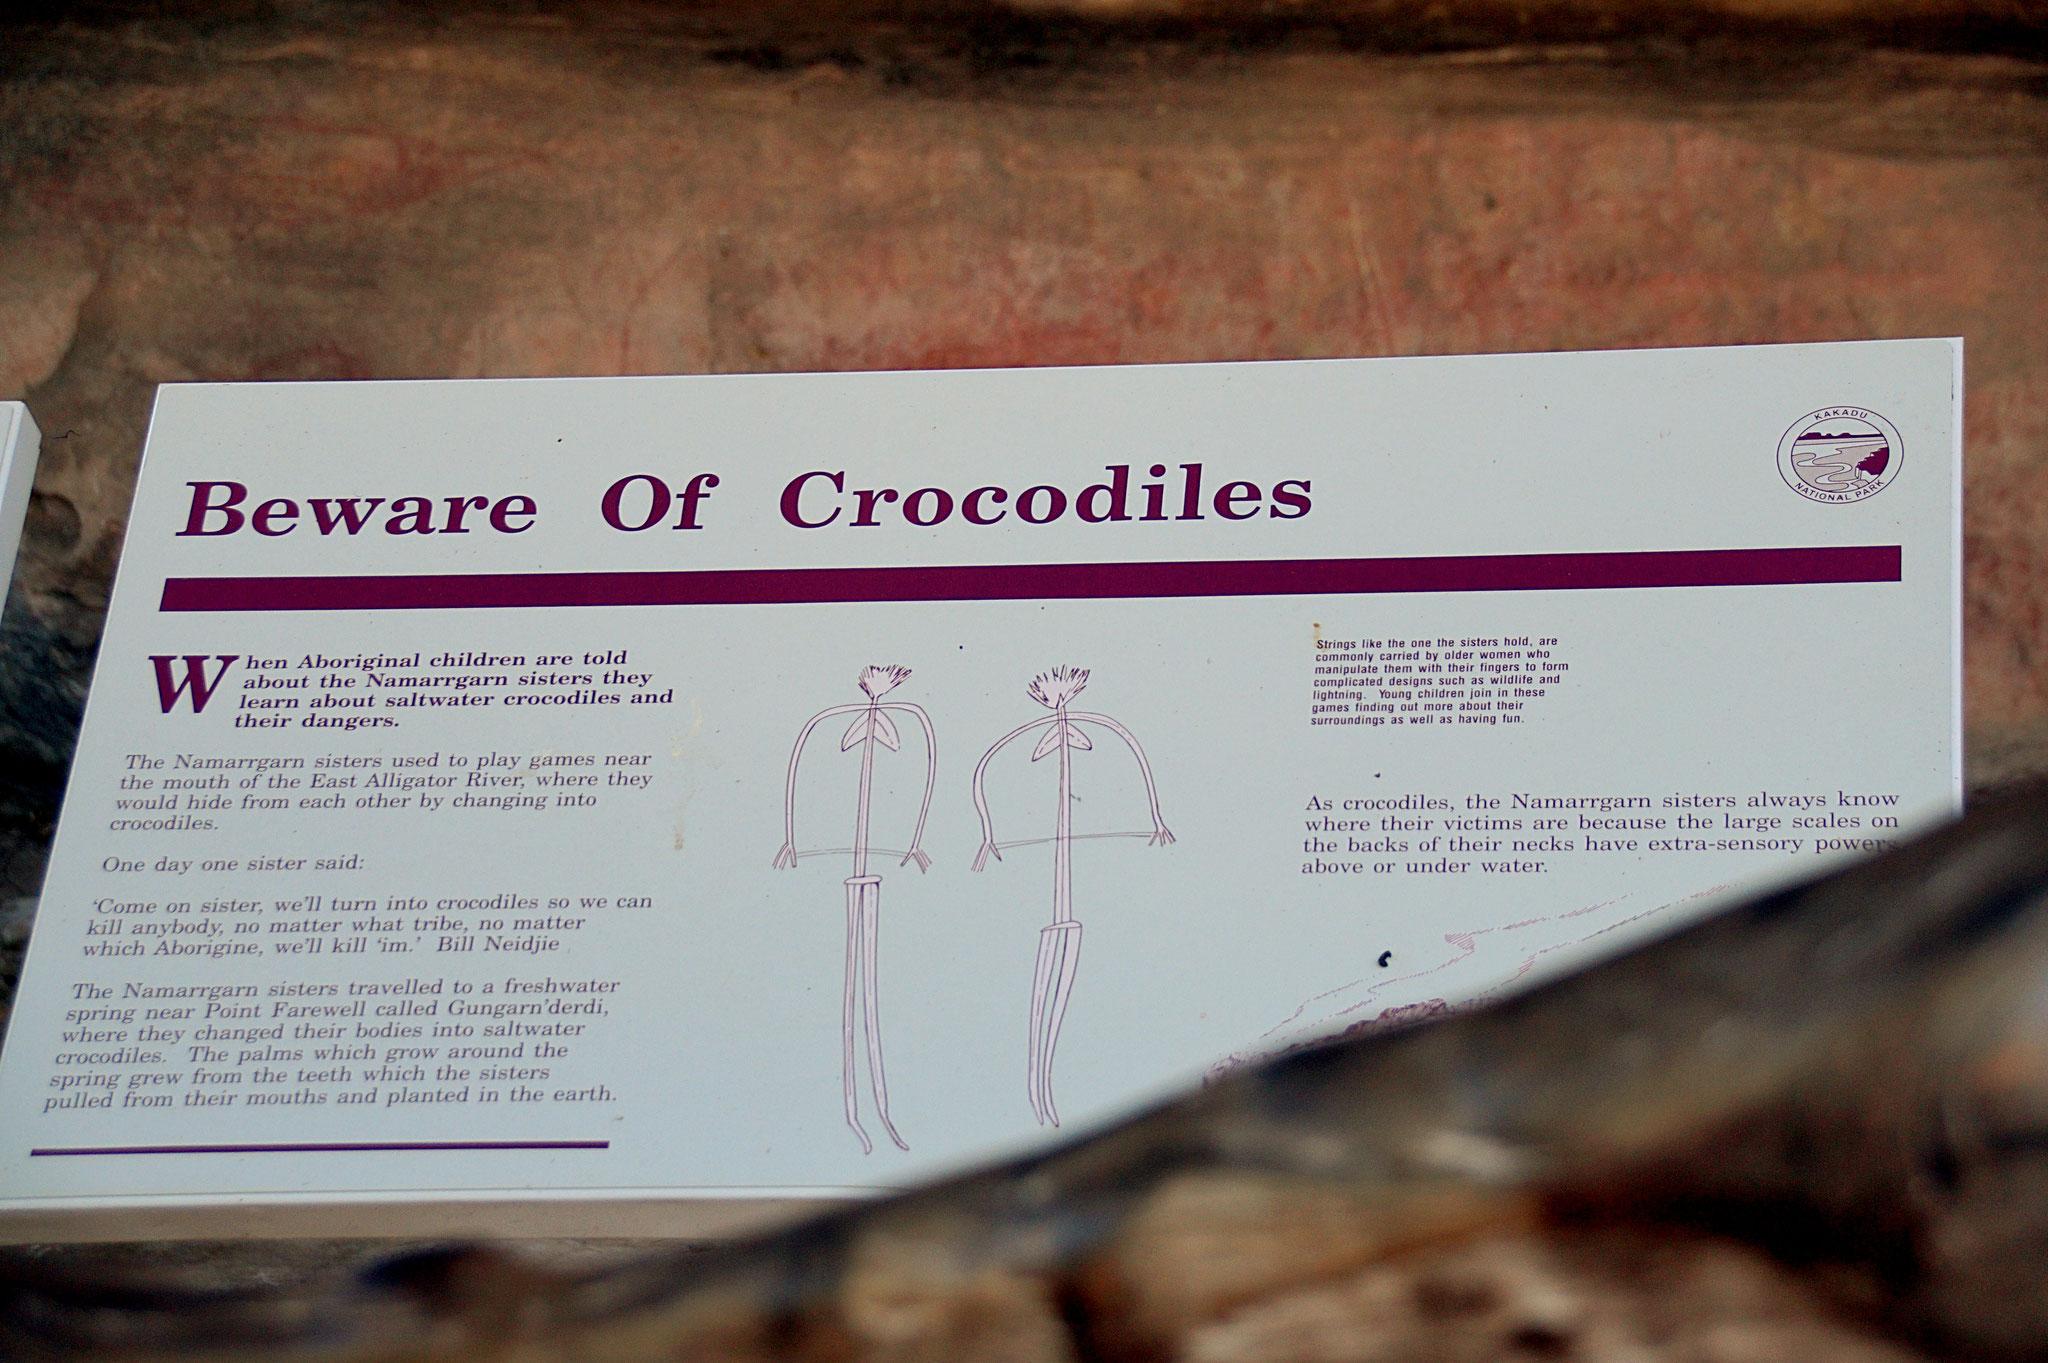 Tafeln erklären die abgebildeten Traumzeit-Mythen der Aborigines.